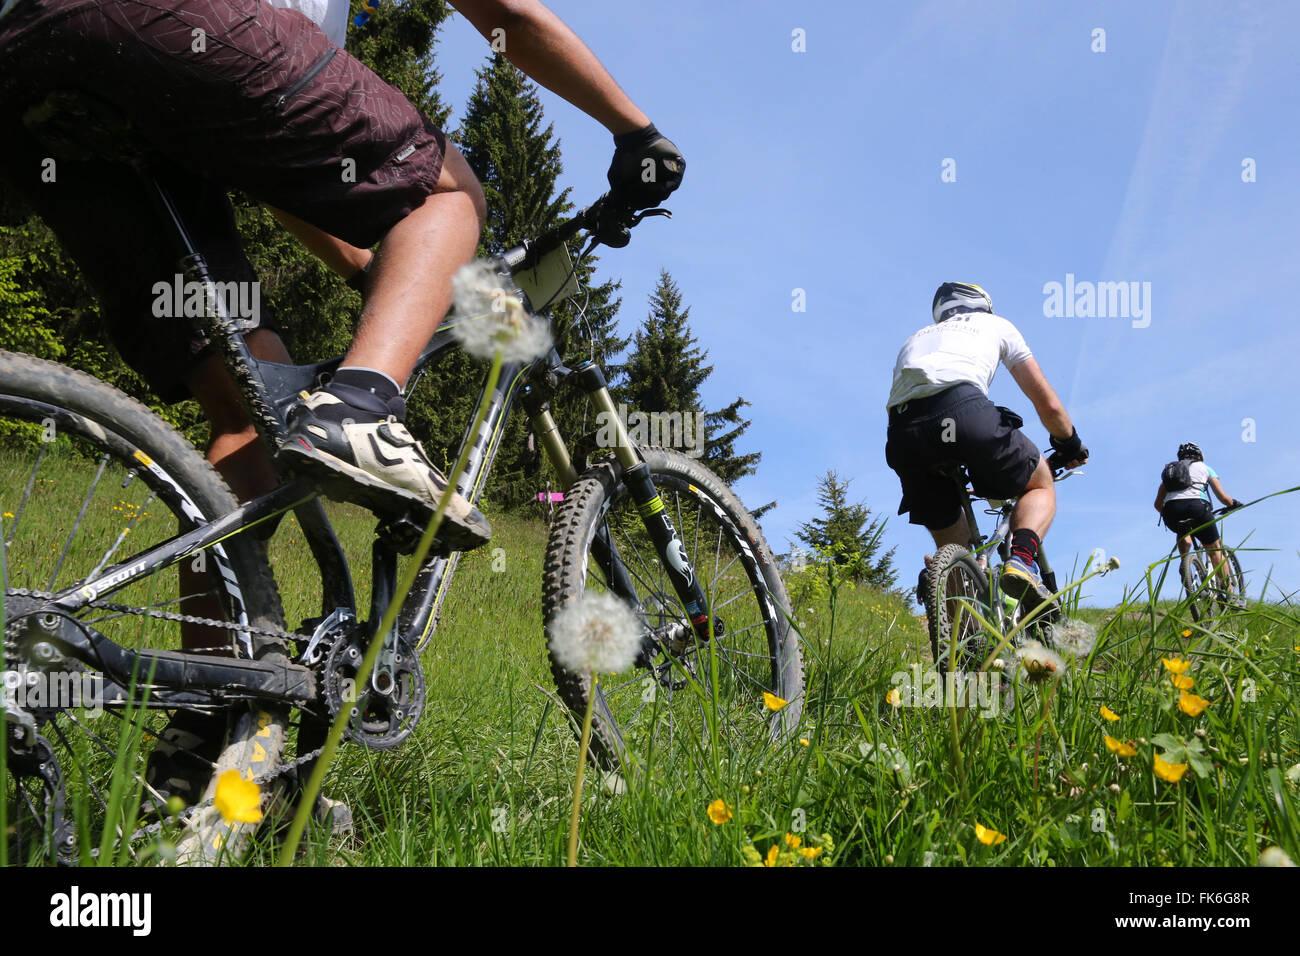 Dre dans le l'Darbon, course de VTT dans les Alpes, Haute Savoie, France, Europe Banque D'Images